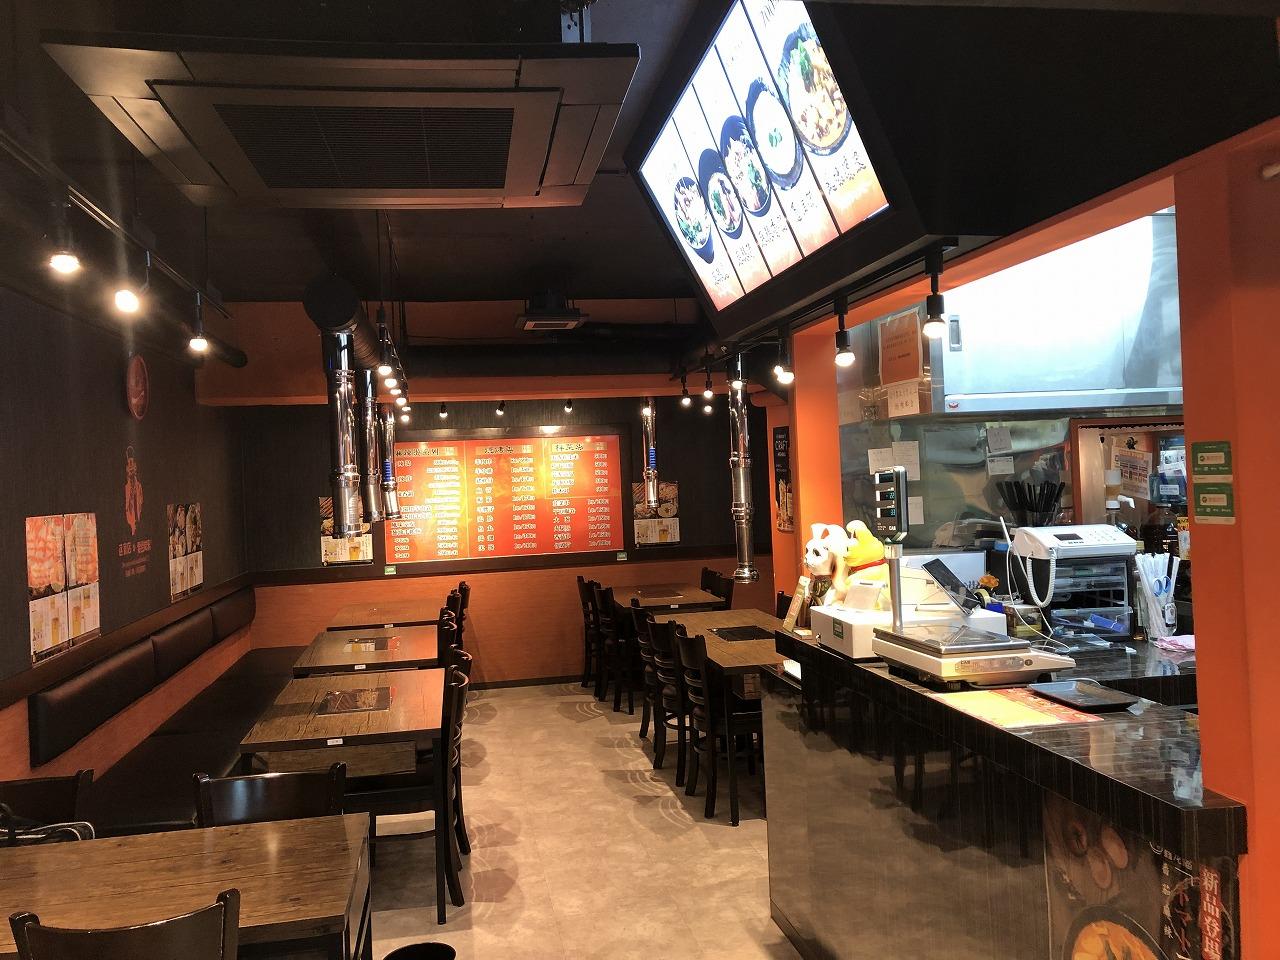 【大久保】韓国料理の居抜き物件をご成約!アジアン料理の店を10月にオープンします。